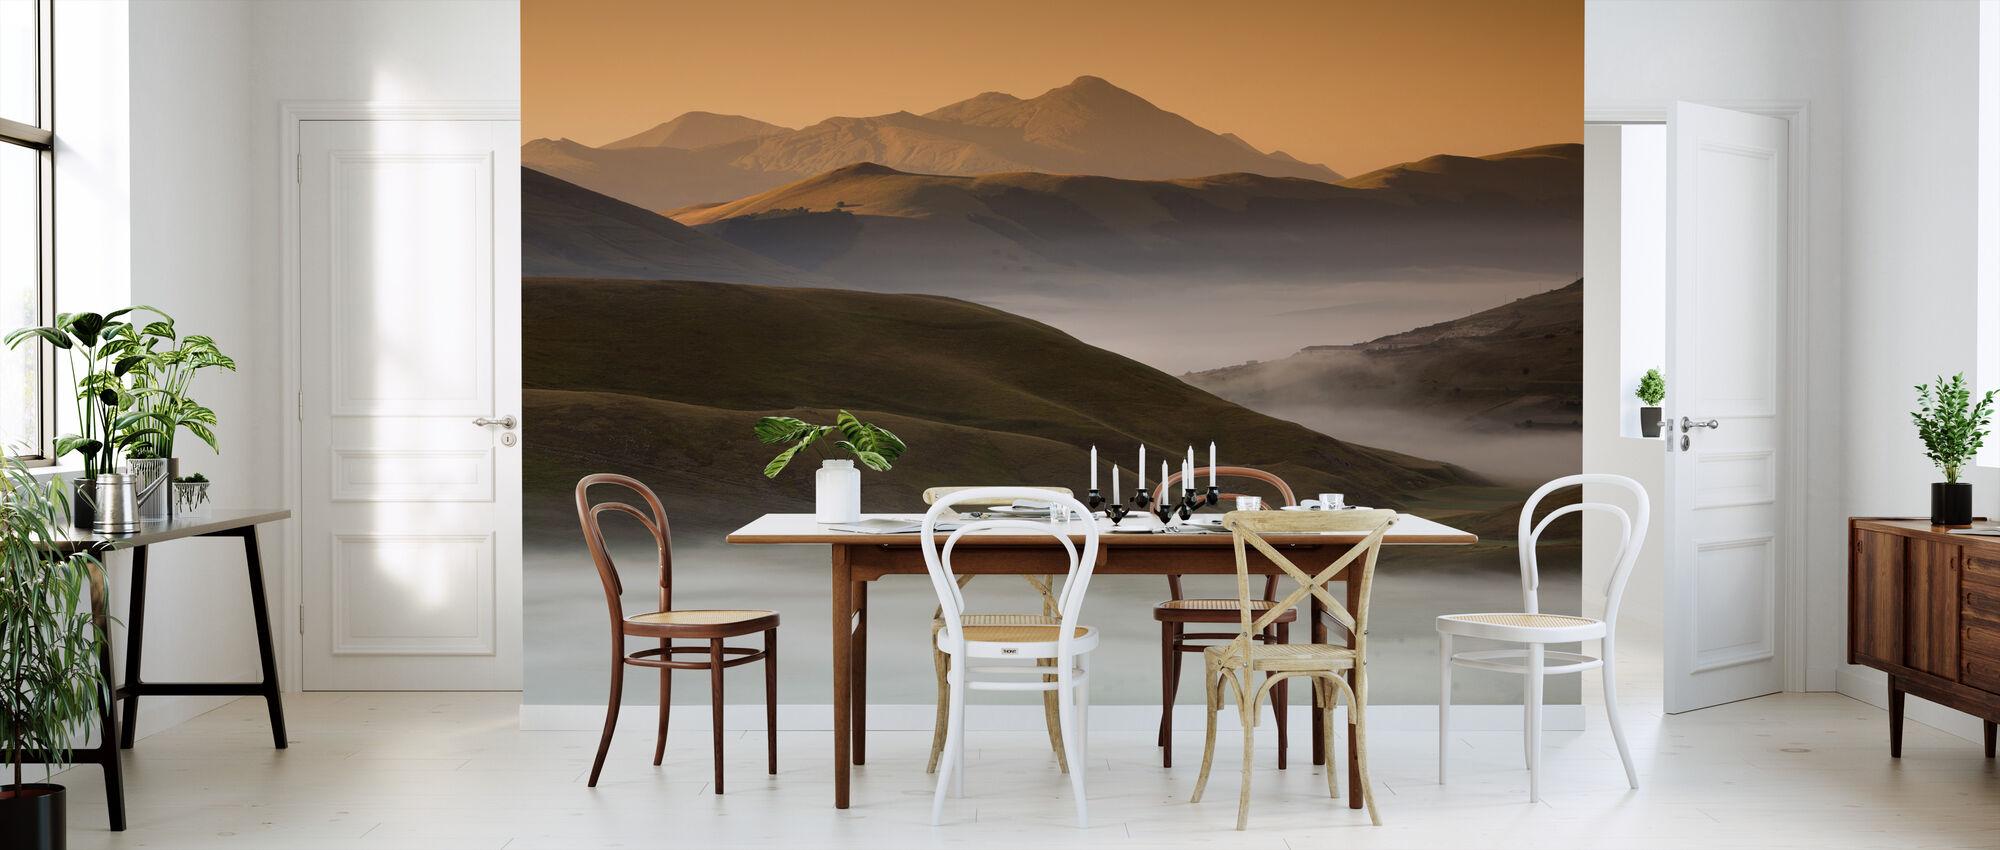 Castelluccio di Norcia in Morning Fog - Wallpaper - Kitchen